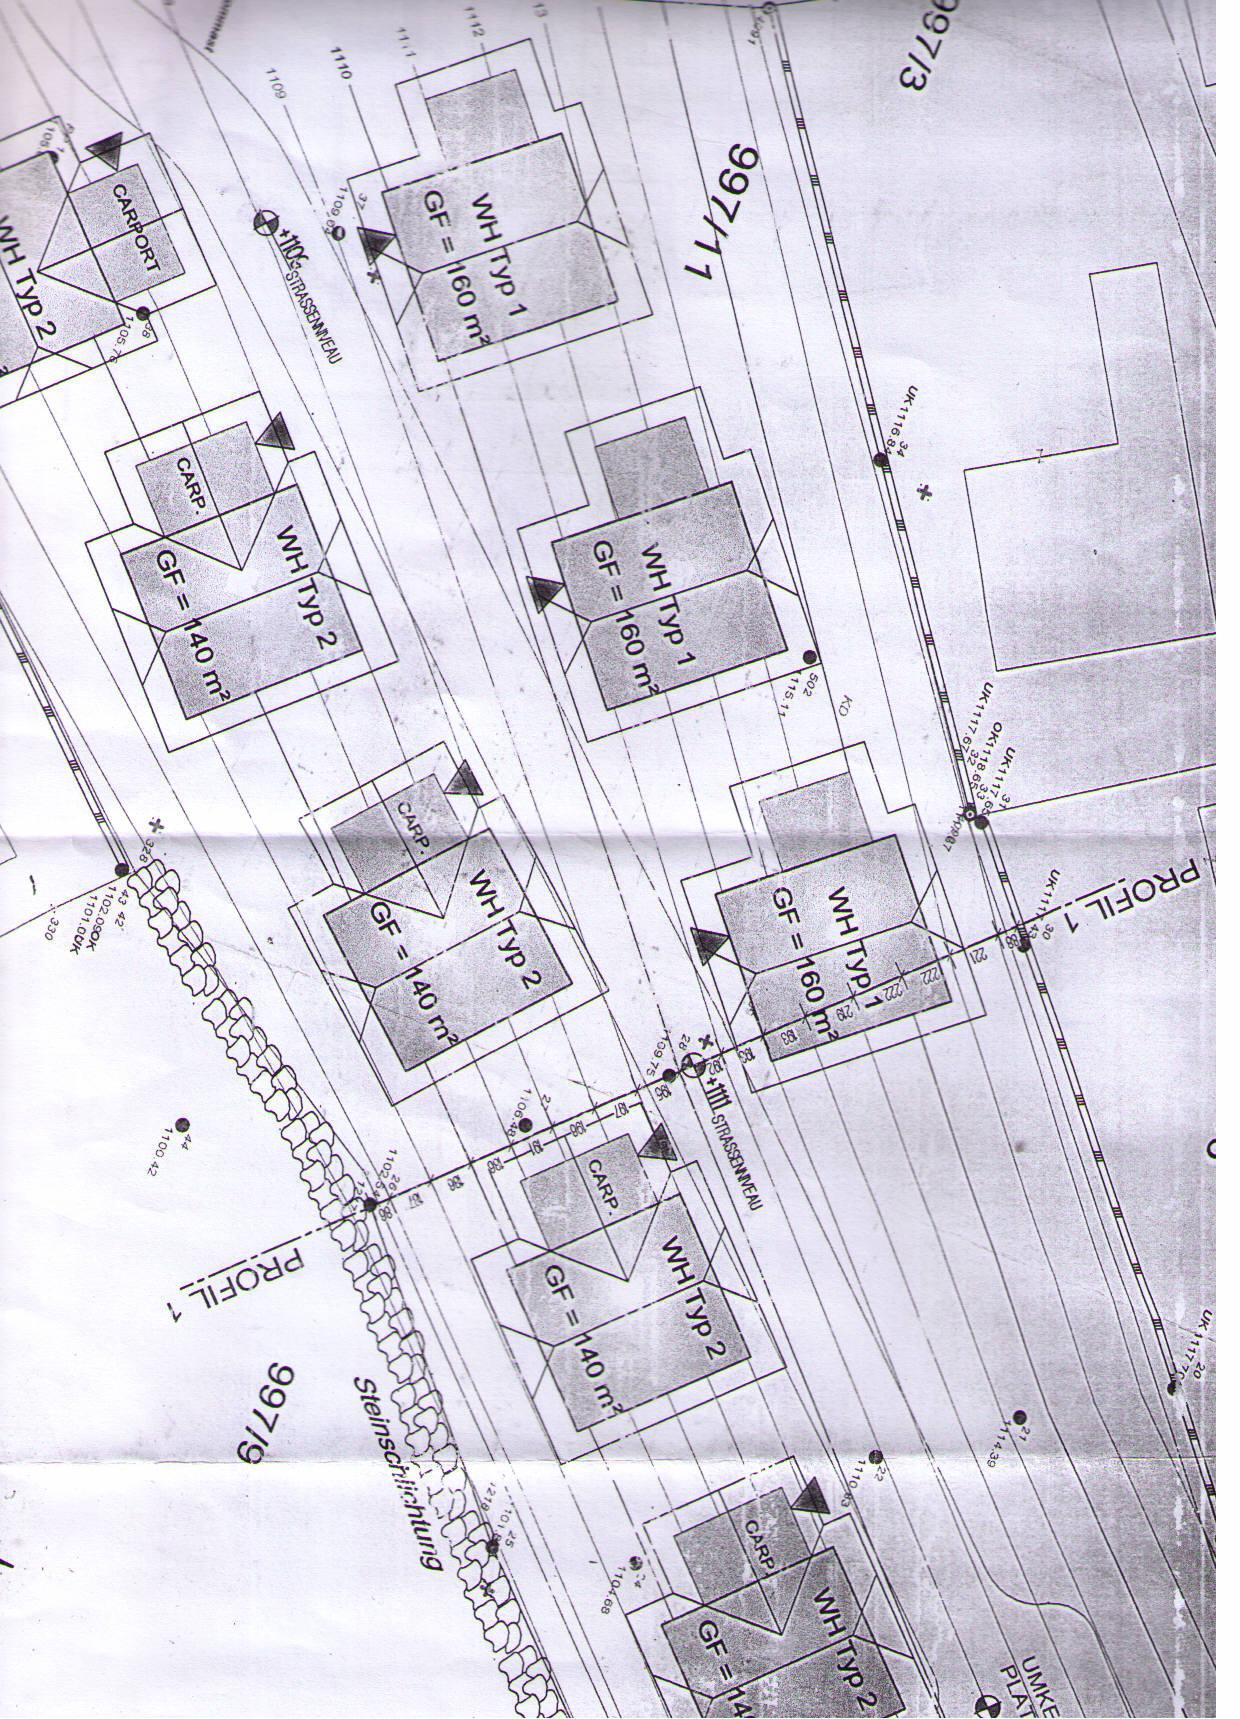 Plass, Kaernten, Gemeinde Ebene Reichenau, grosses Baugrundstueck mit Plan fuer 8 Haeuser